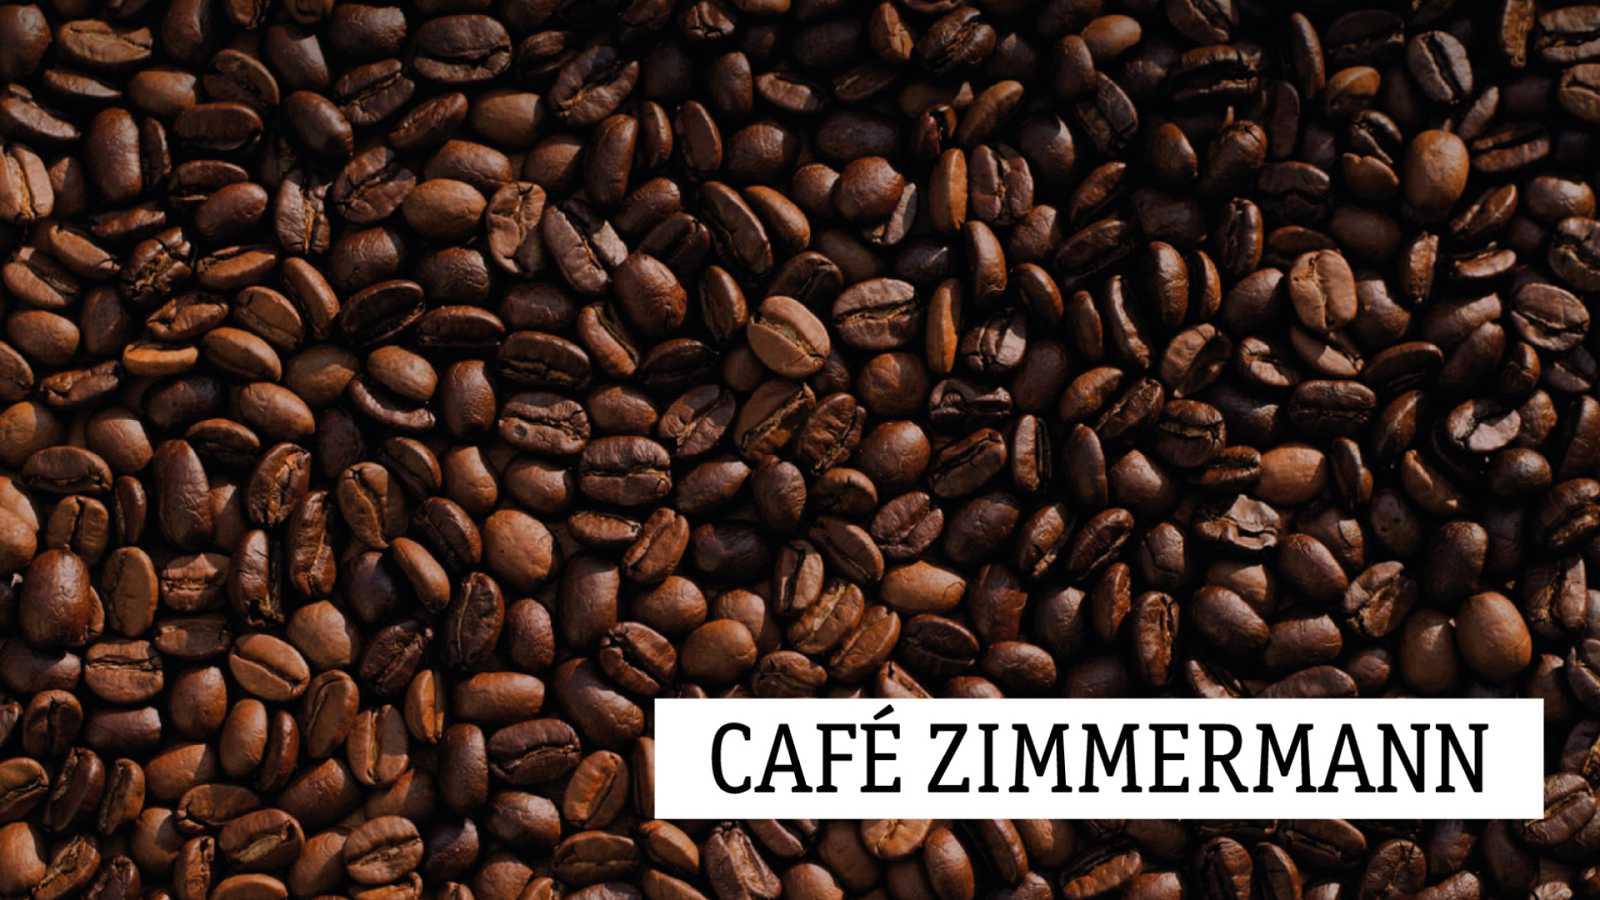 Café Zimmermann - El museo de la felicidad - 17/12/20 - escuchar ahora